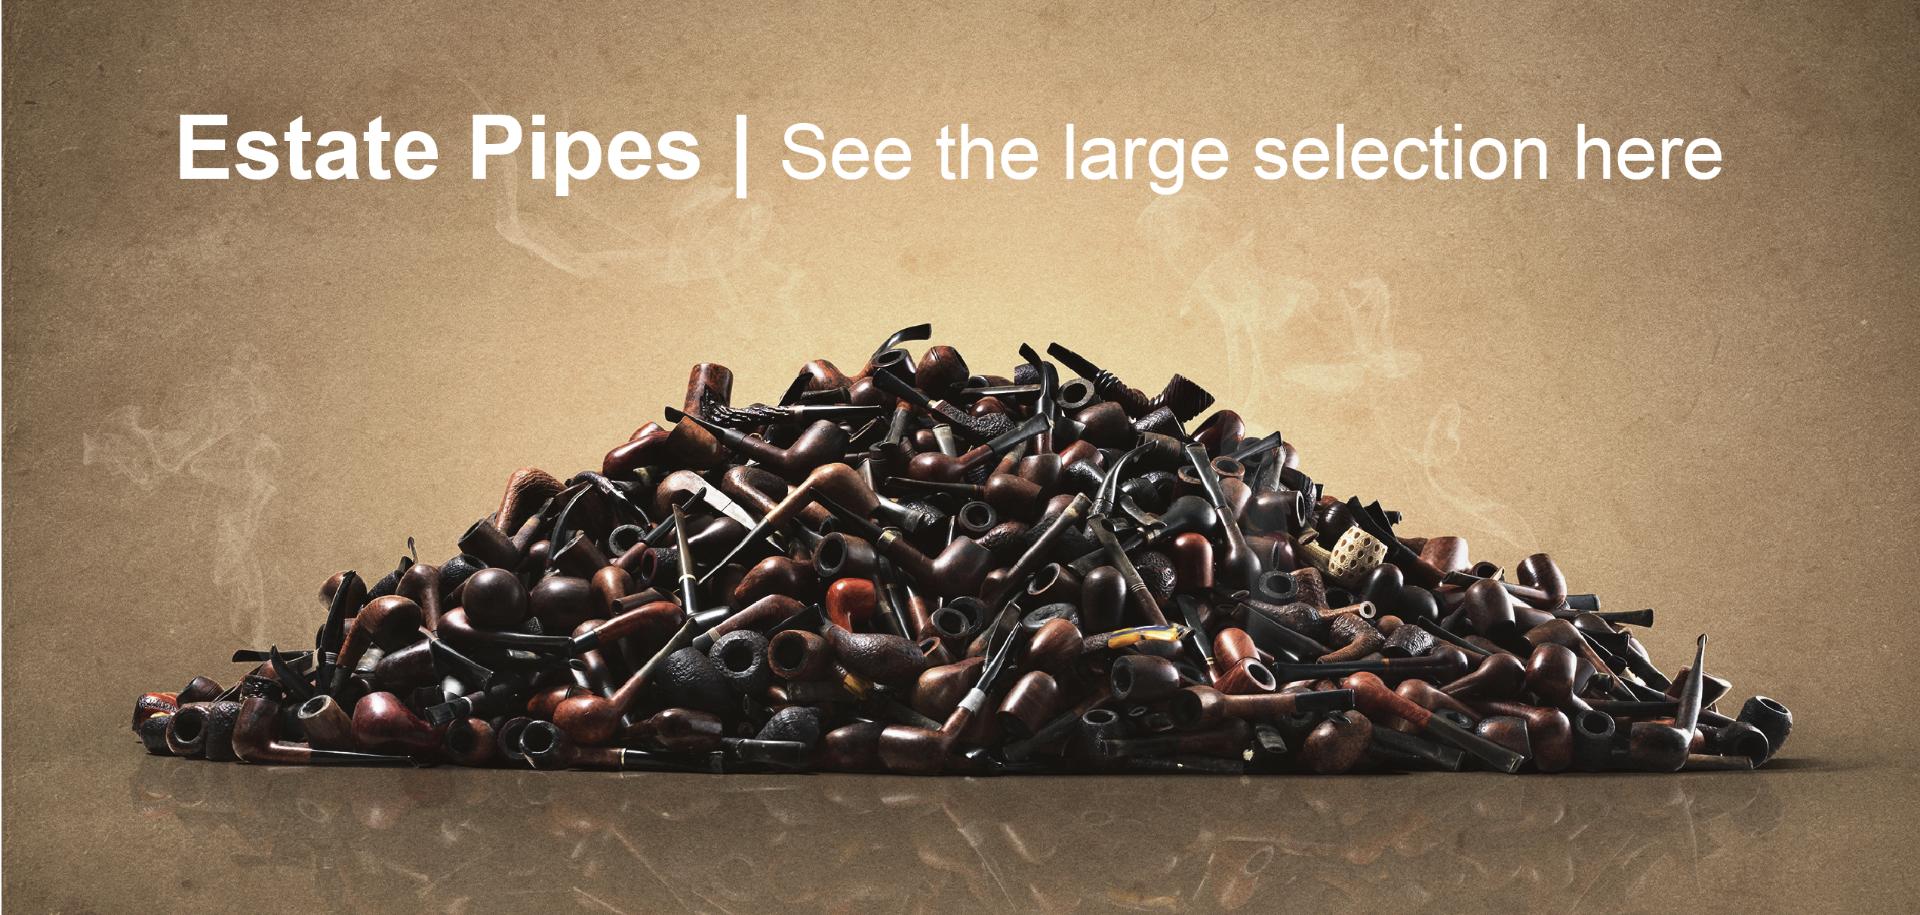 PileOfEstatePipes